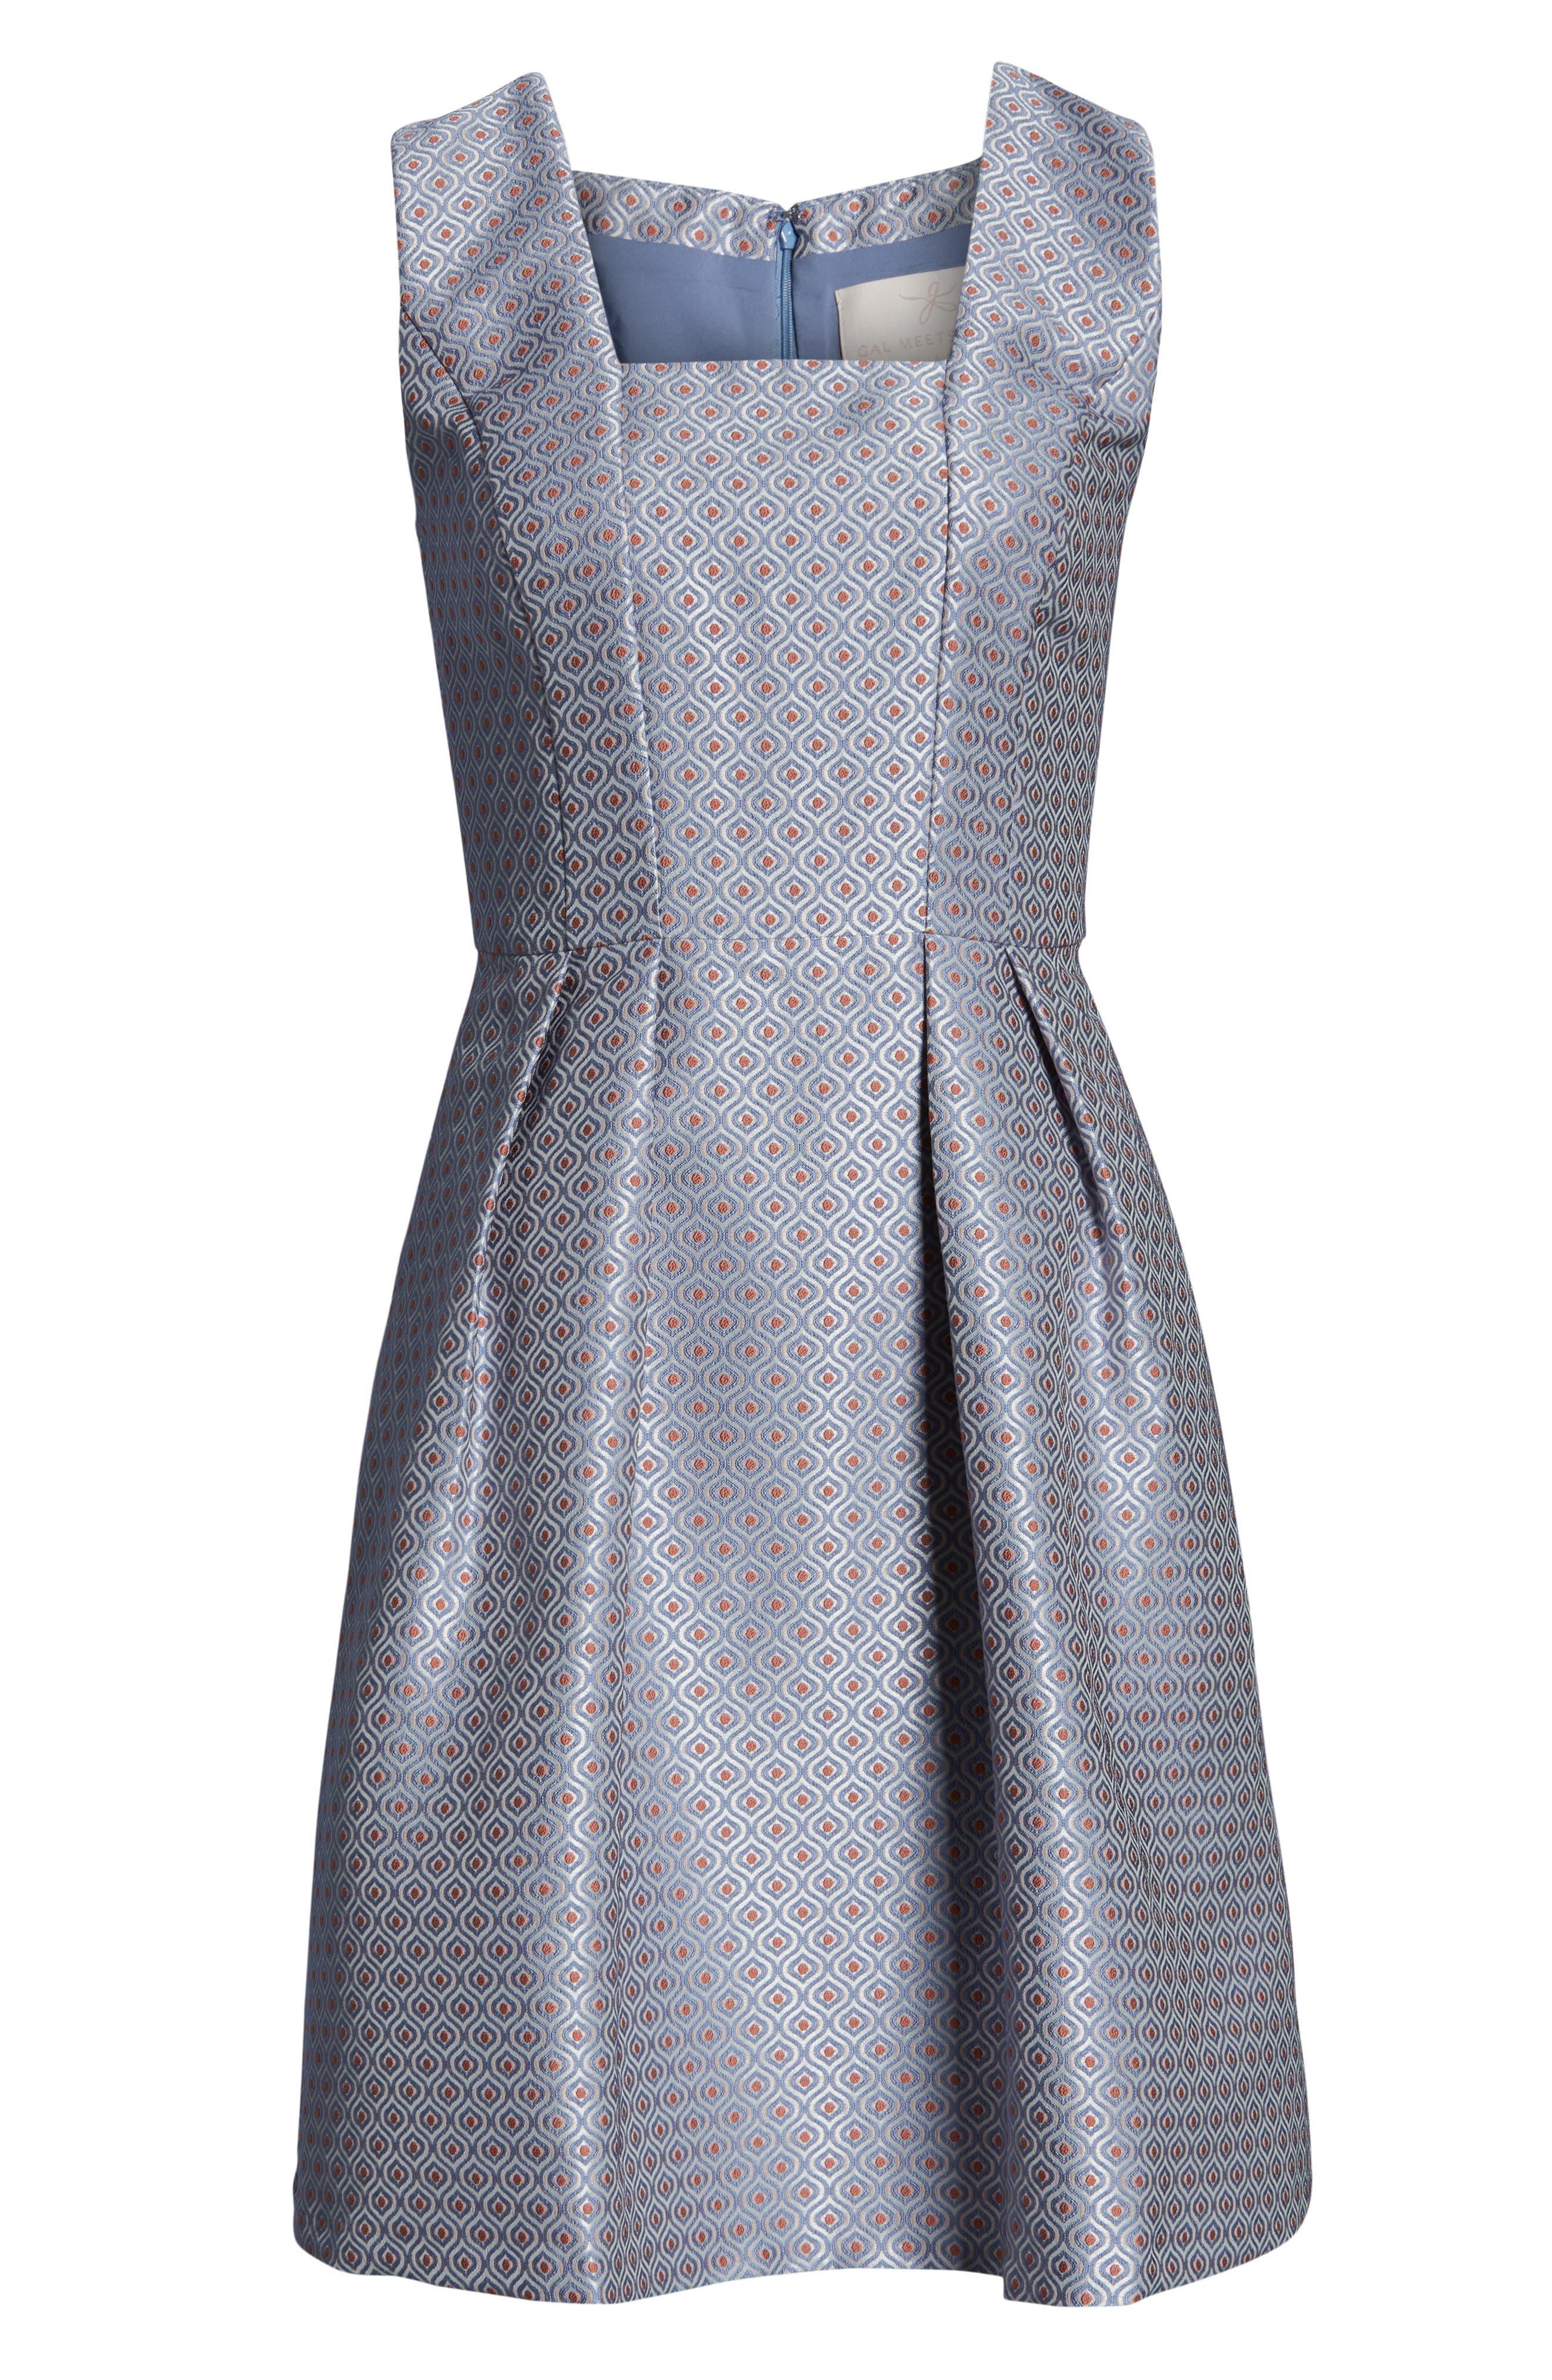 Cosette Jacquard Fit & Flare Dress,                             Alternate thumbnail 4, color,                             BLUE MULTI